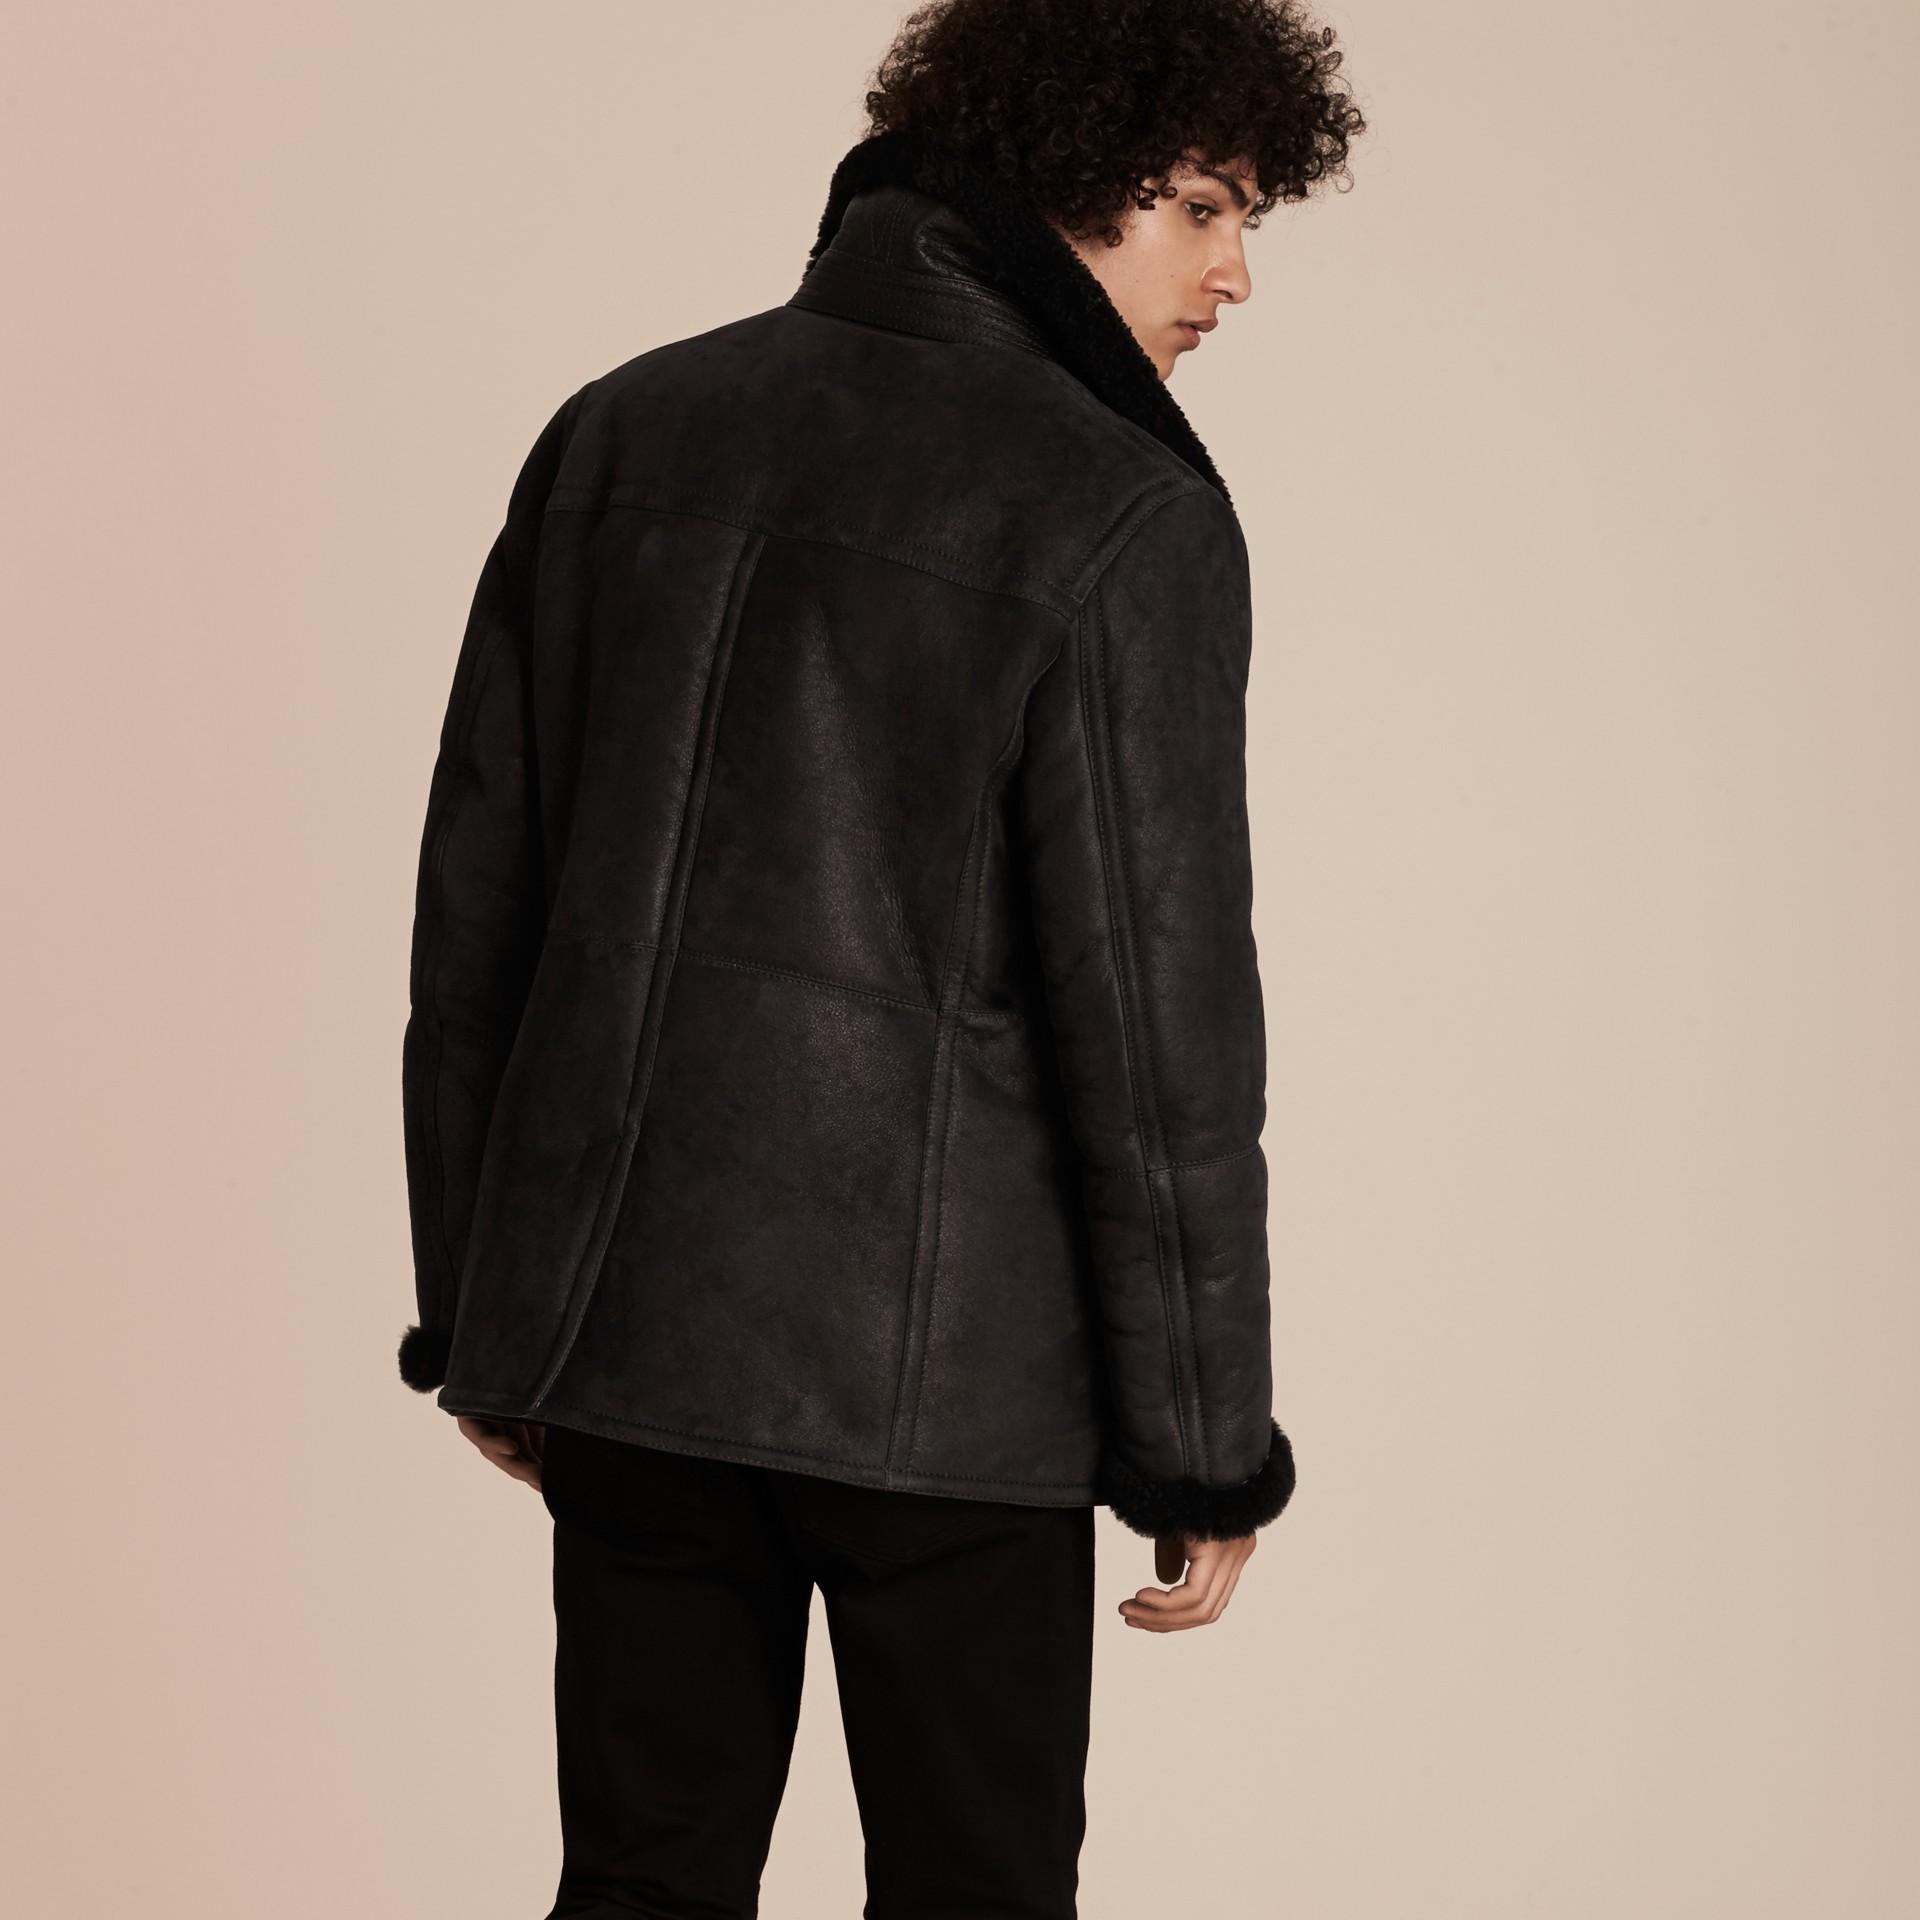 Black Shearling Pea Coat - gallery image 3